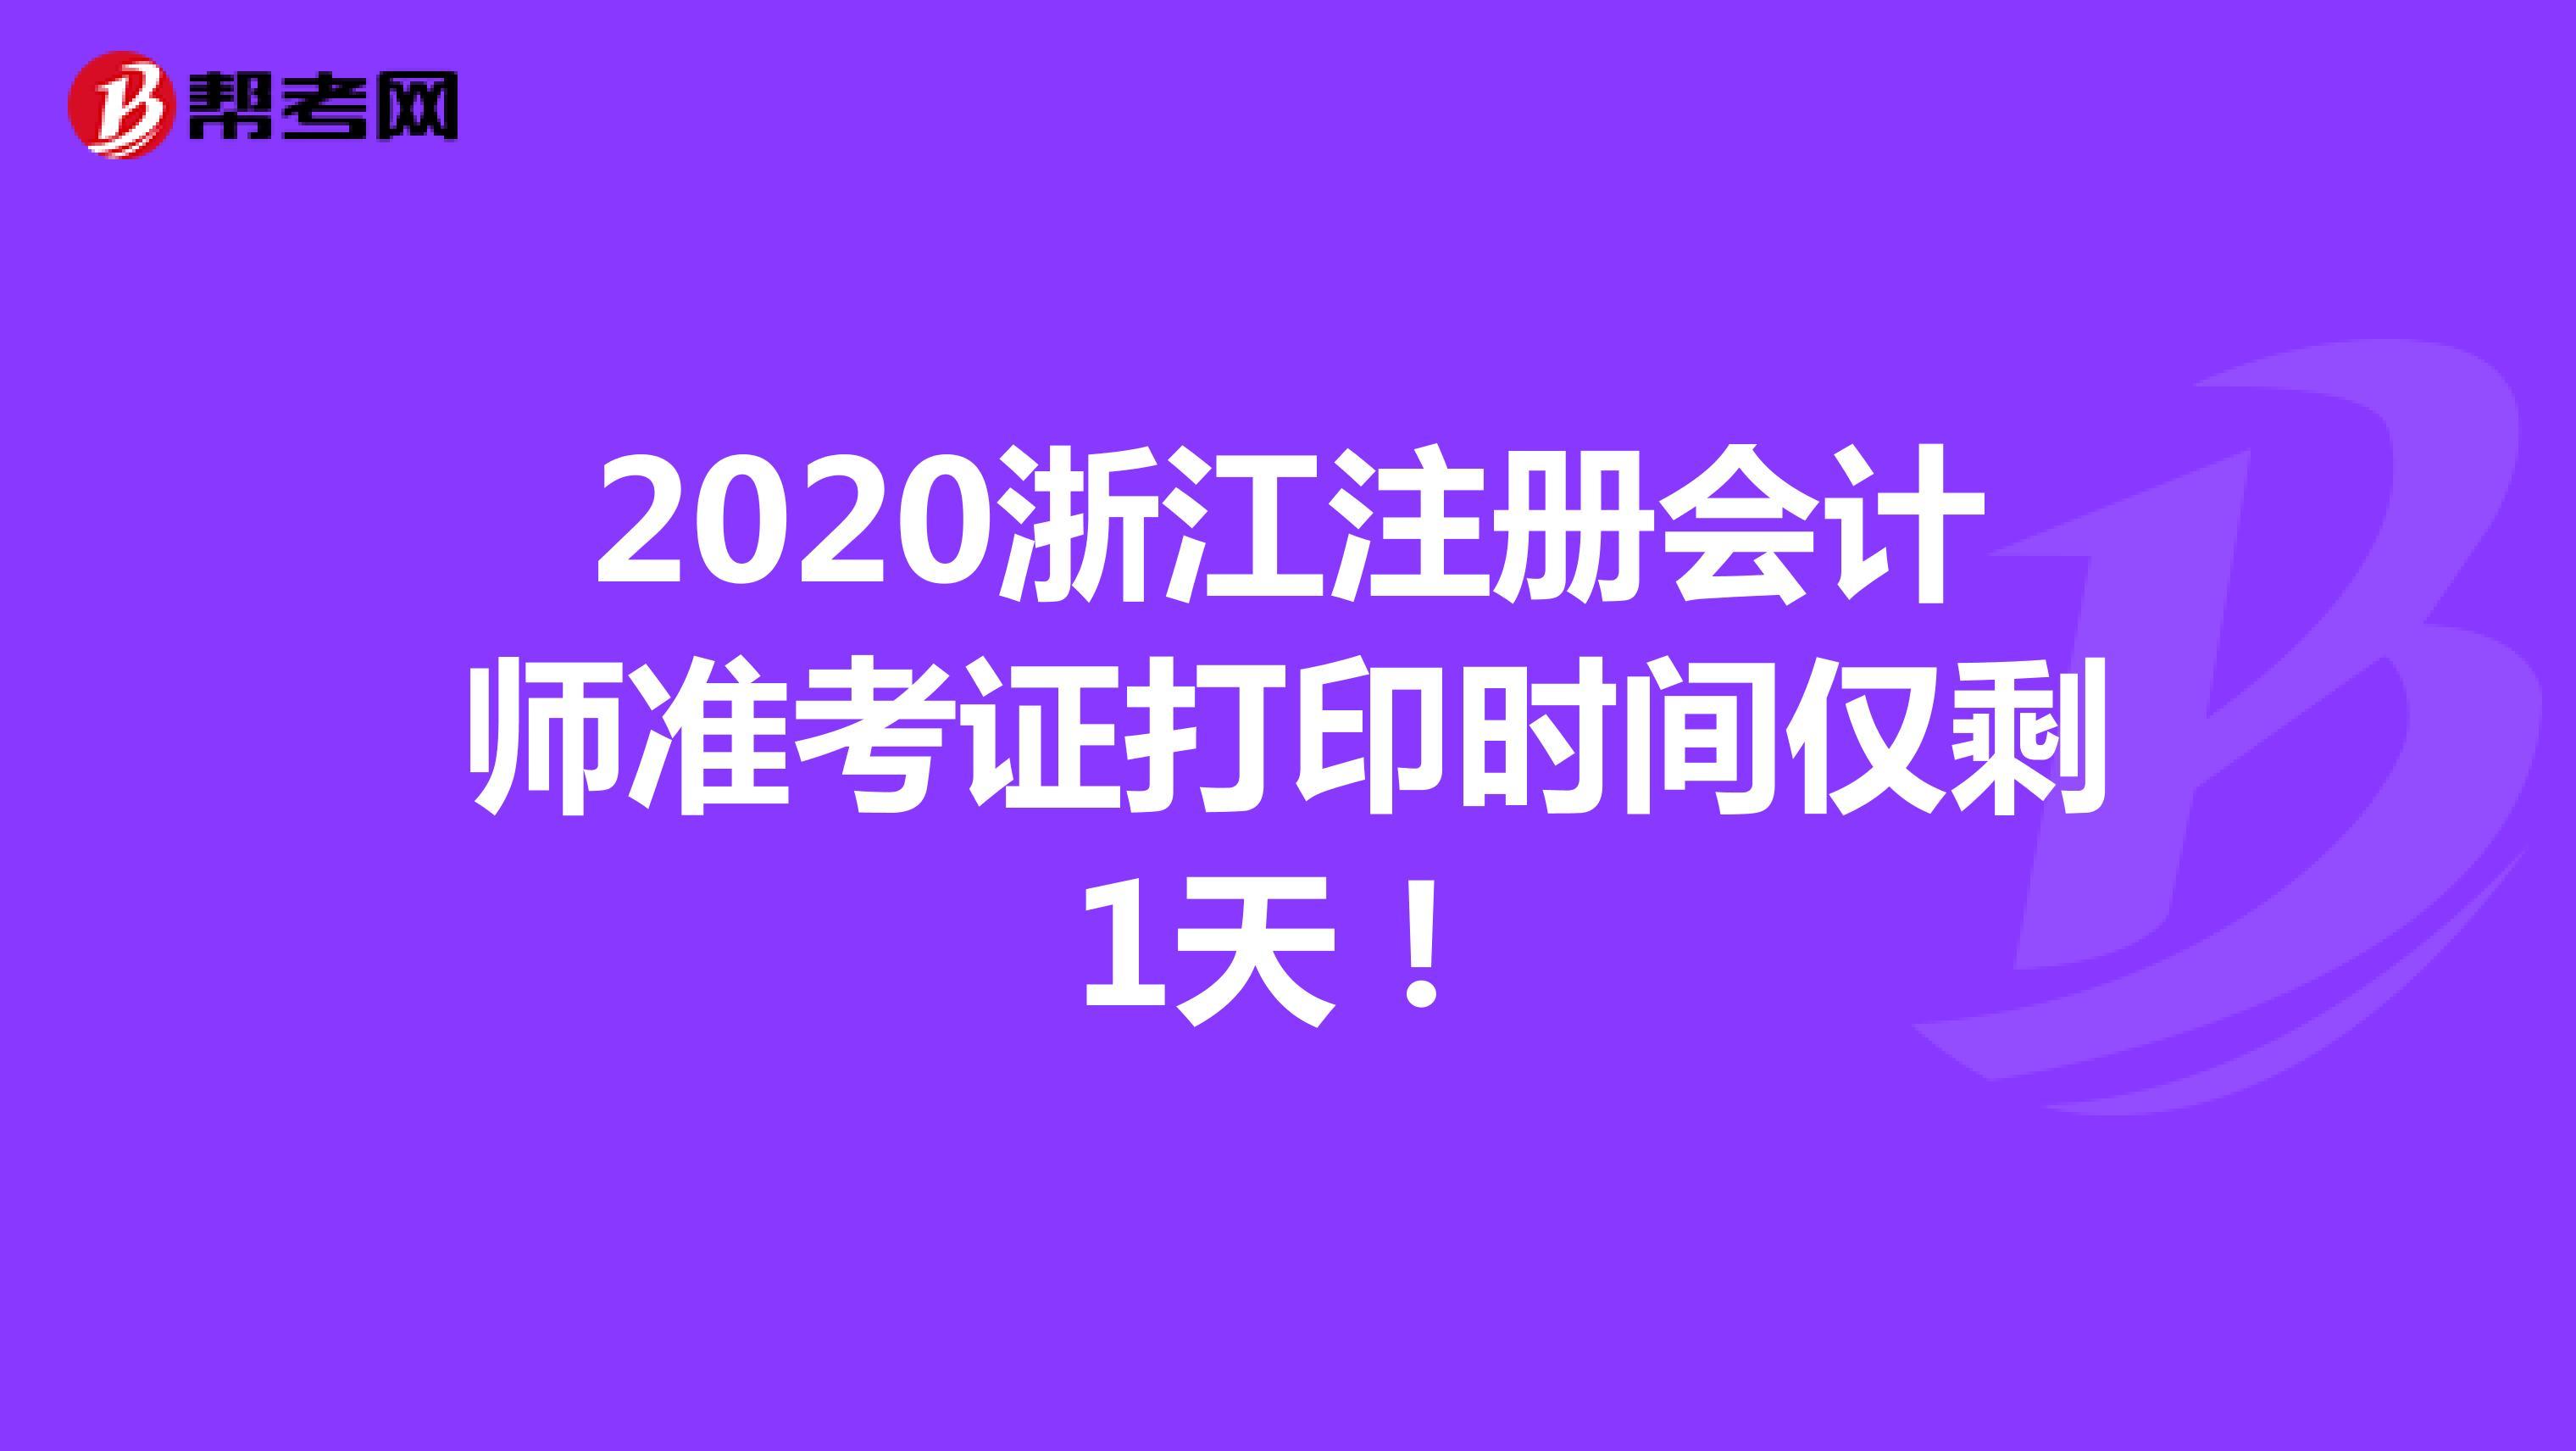 2020浙江注册下载雷火雷火时间仅剩1天!